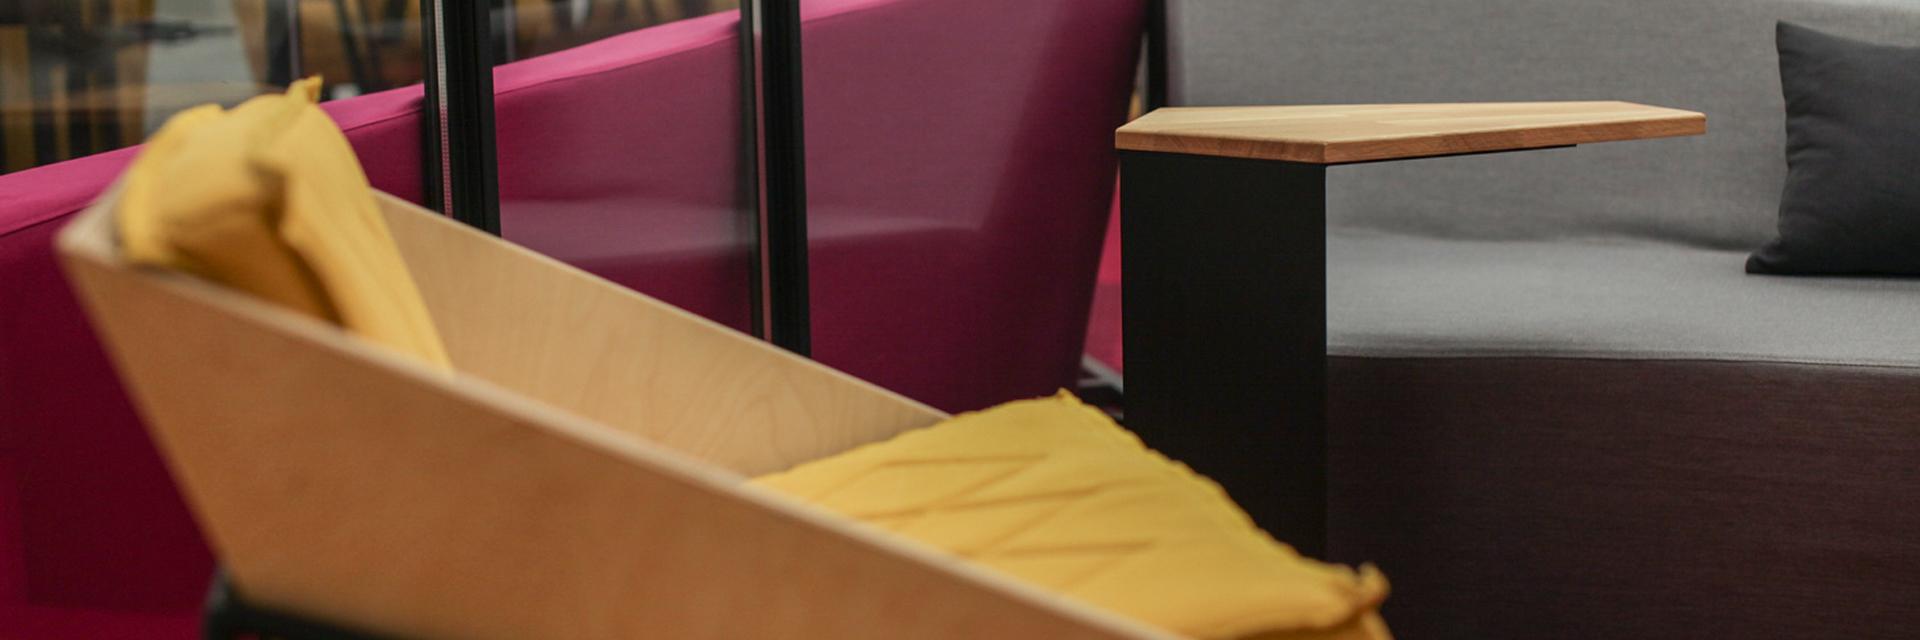 leanplum, sofa, armchair design, lounge area